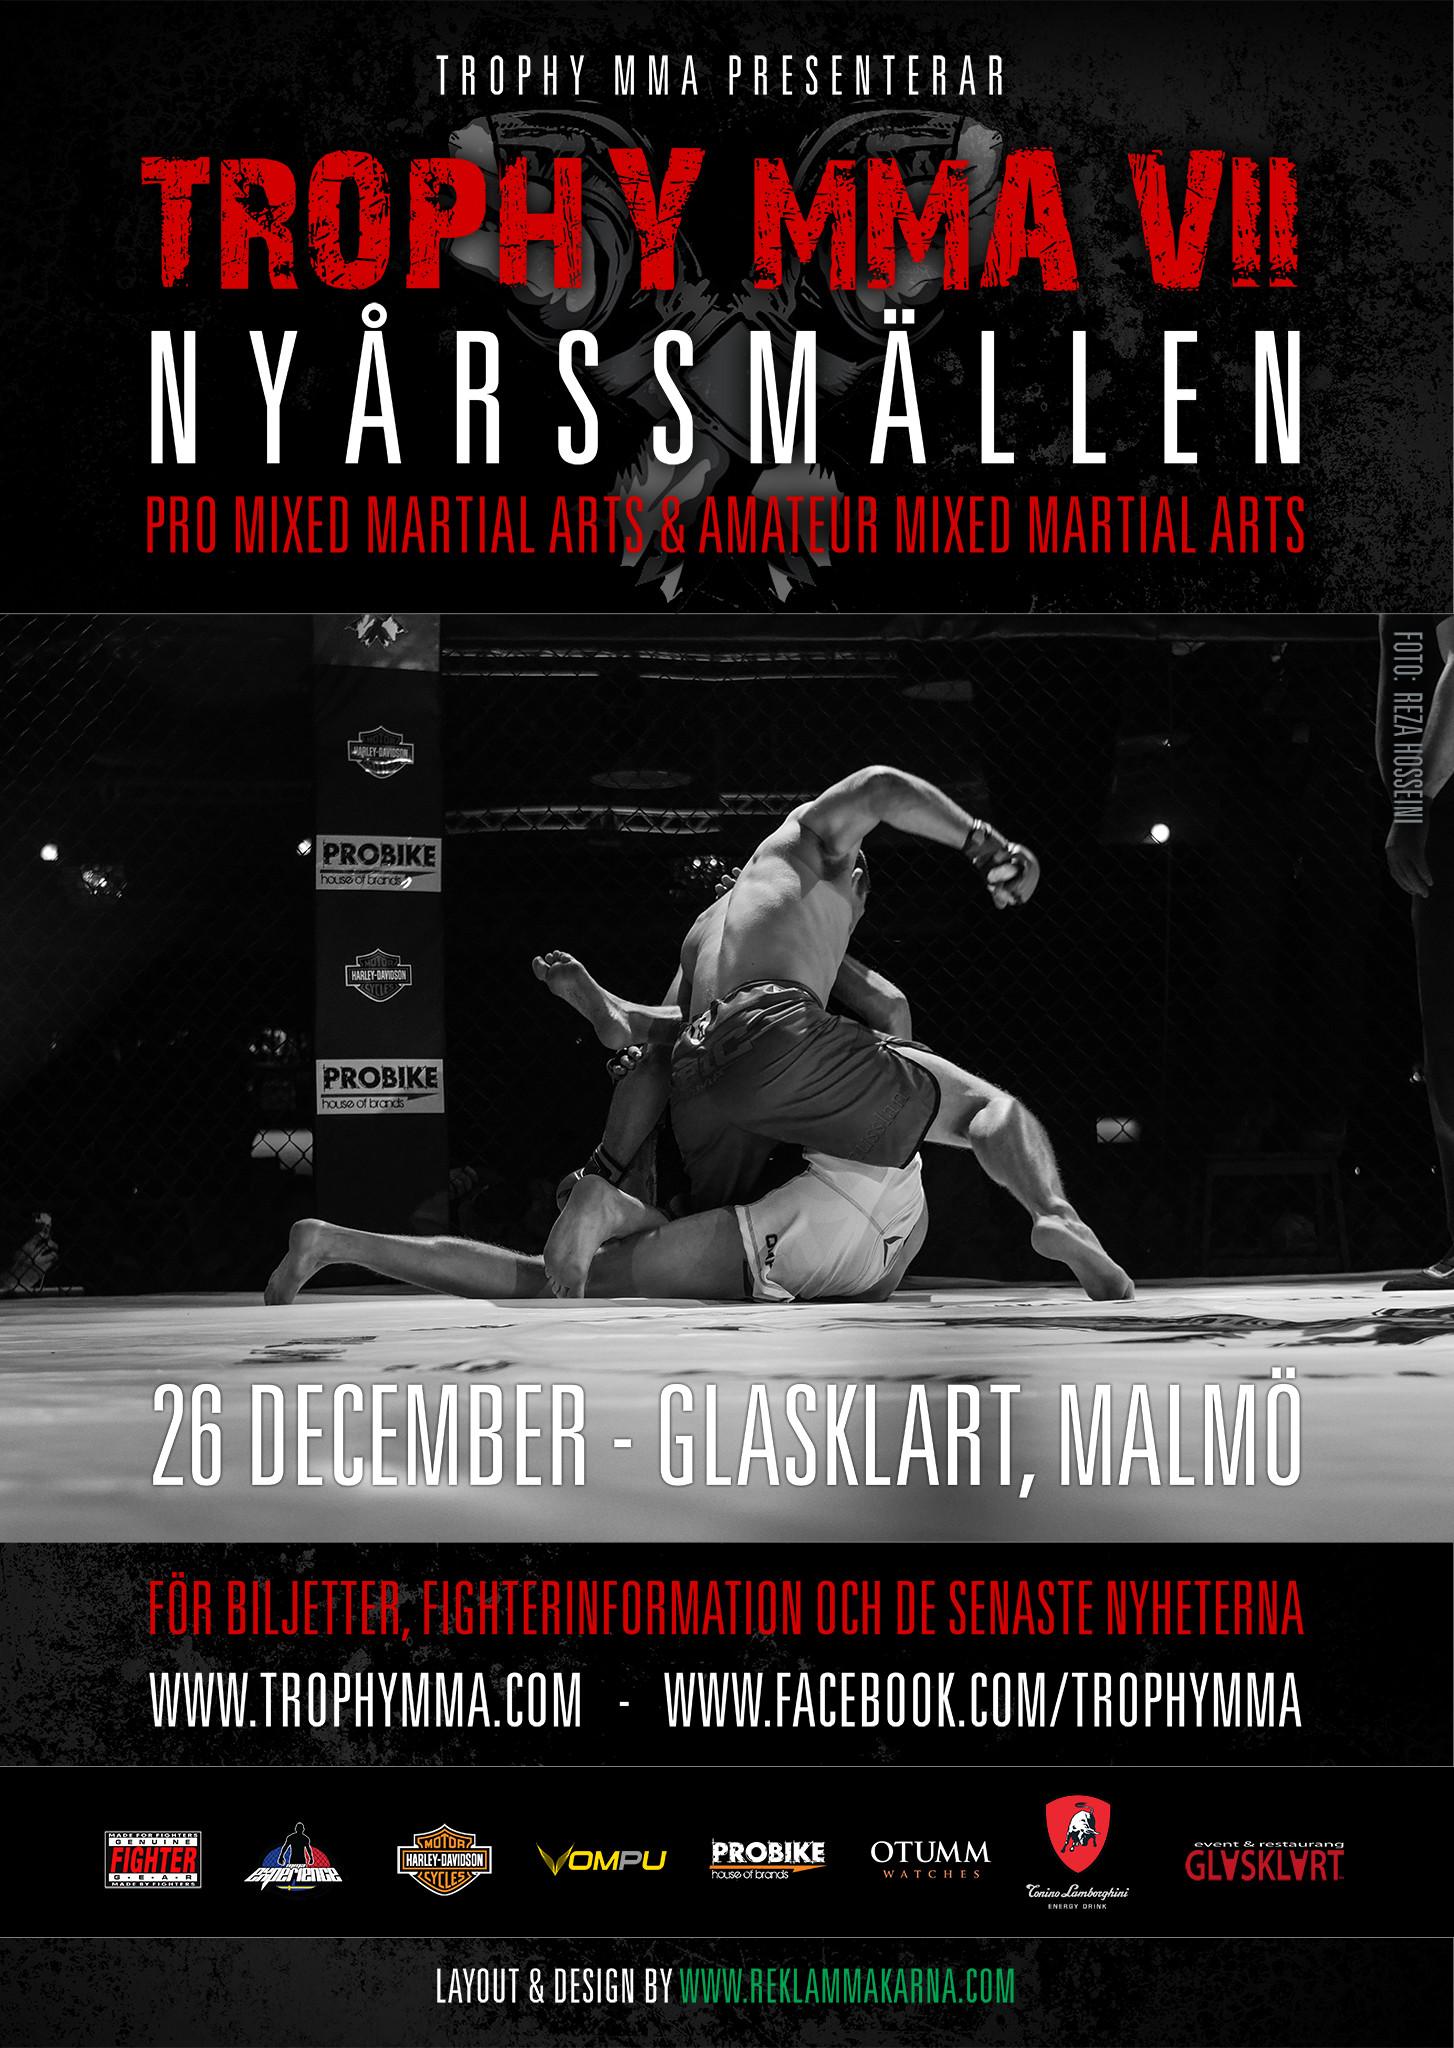 Arte Suave til Trophy MMA 26 december 2015